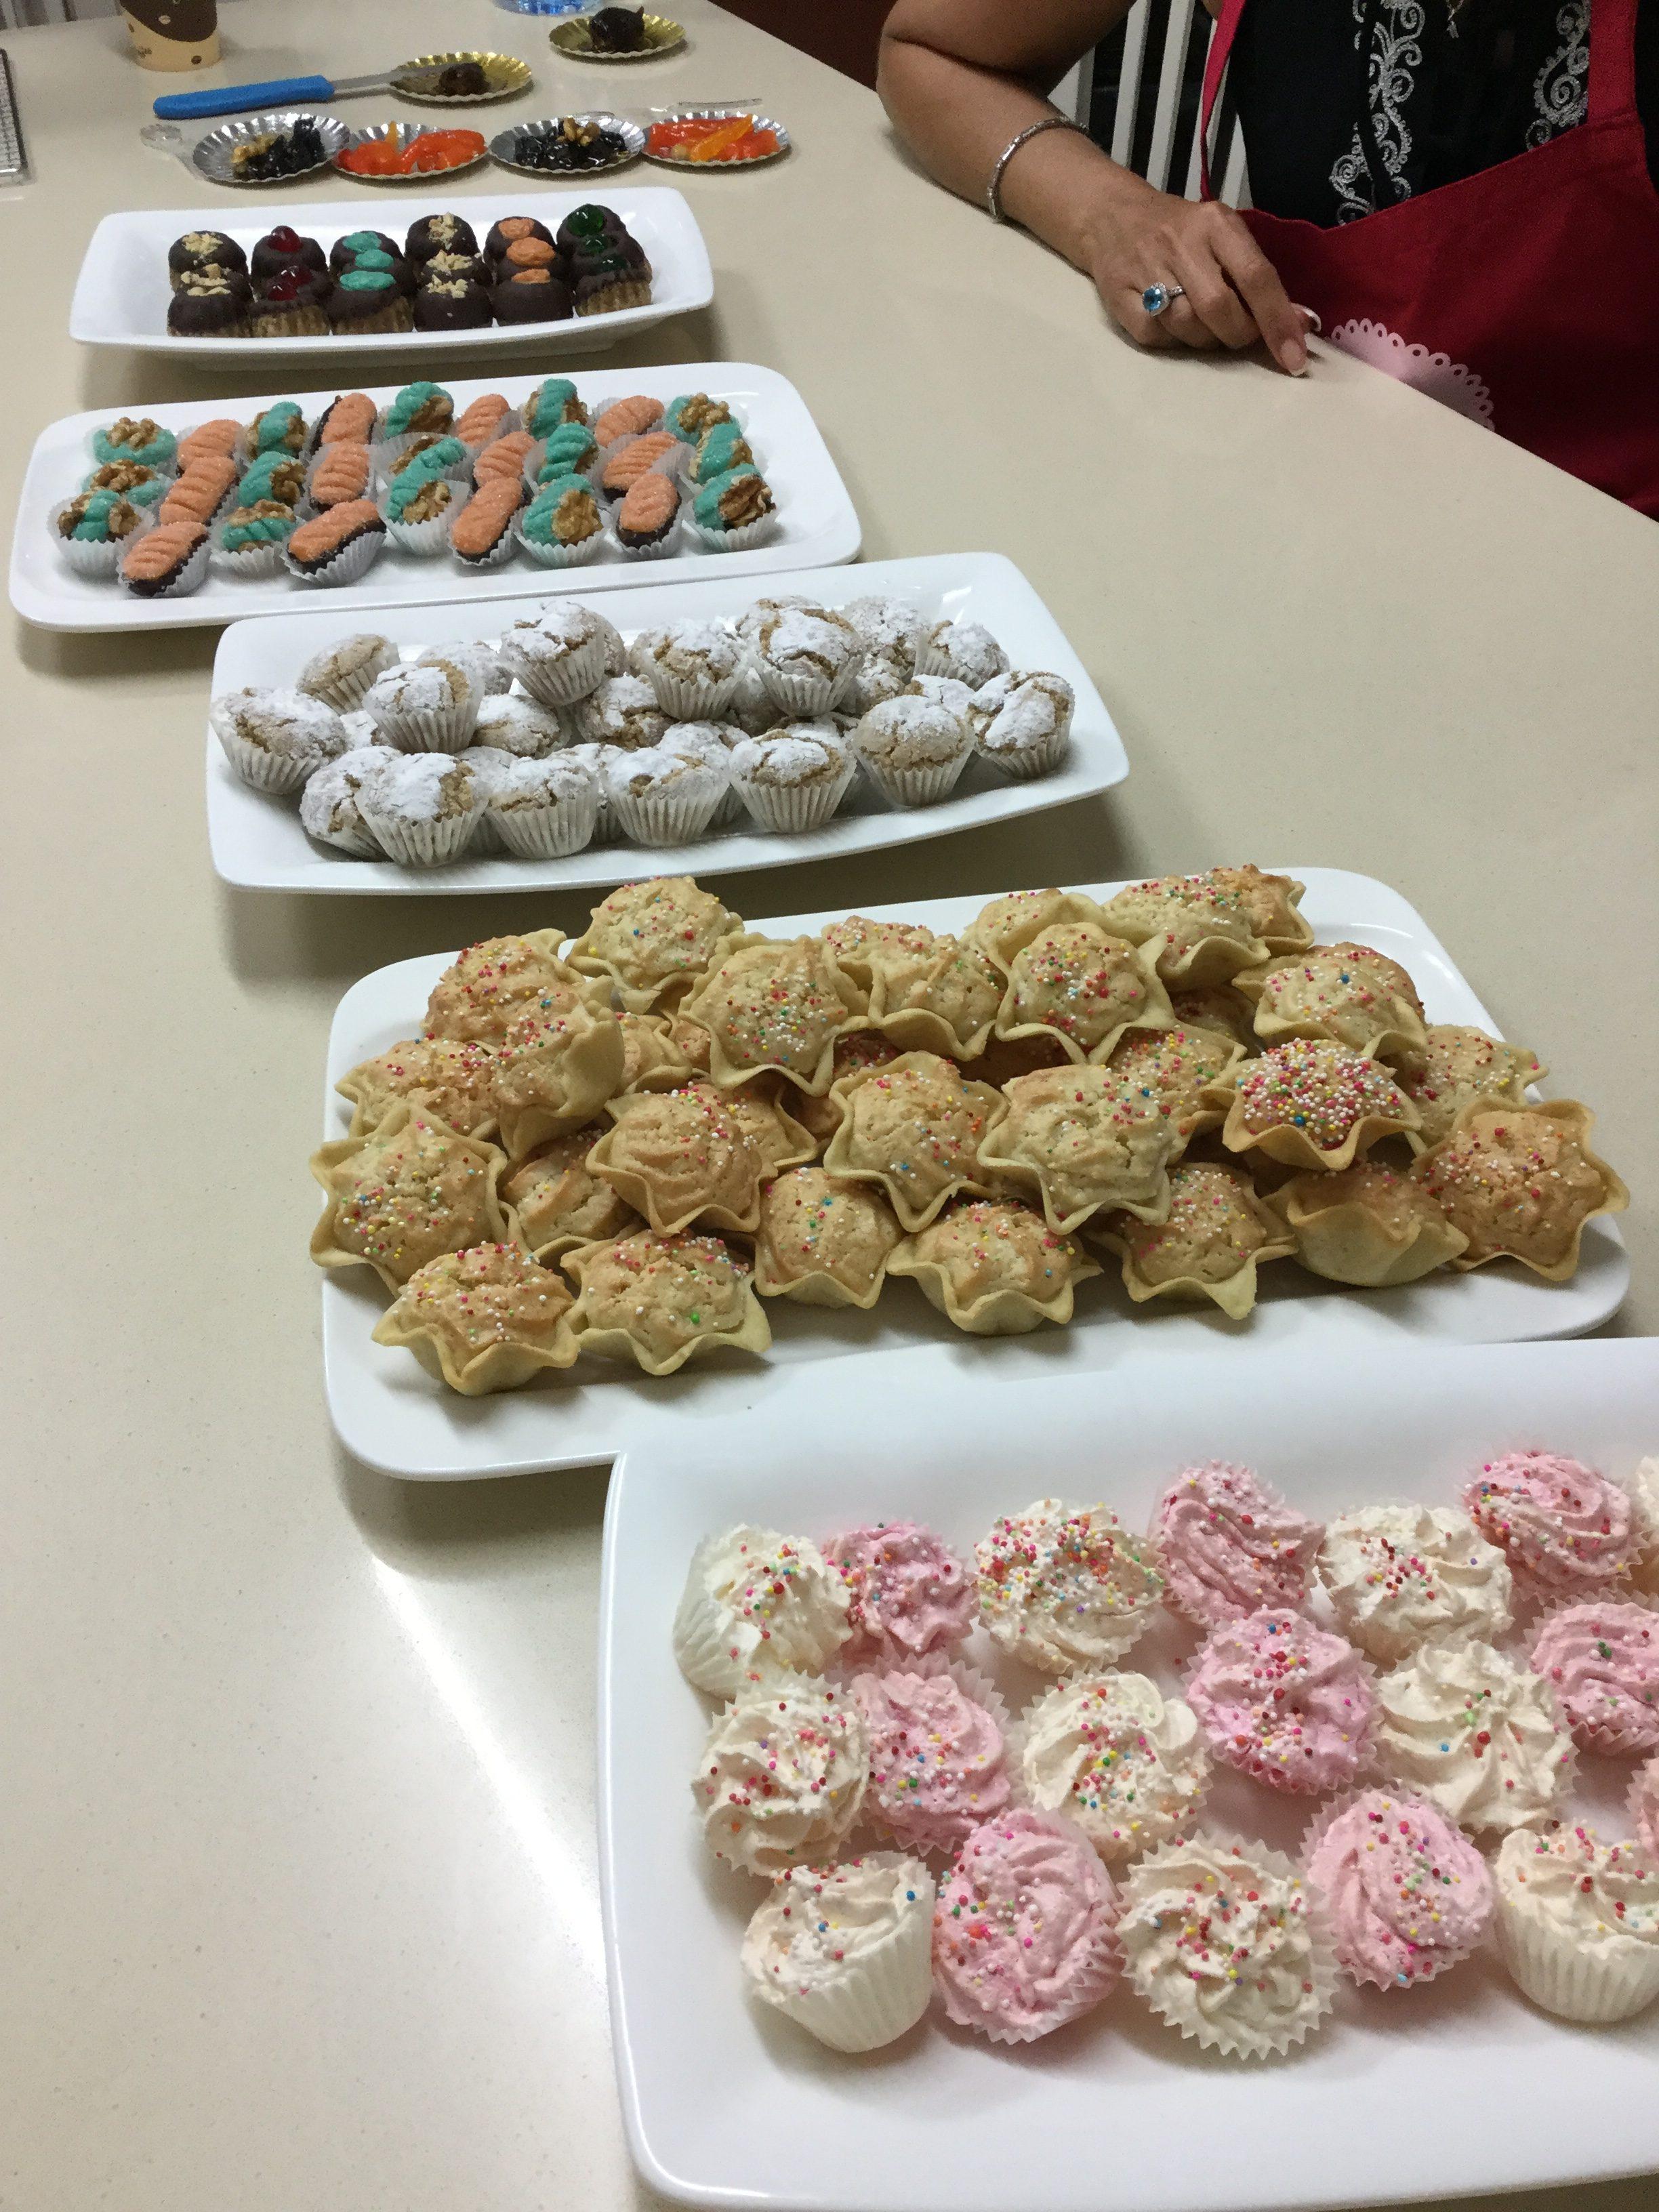 סדנה לעוגיות מסורתיות